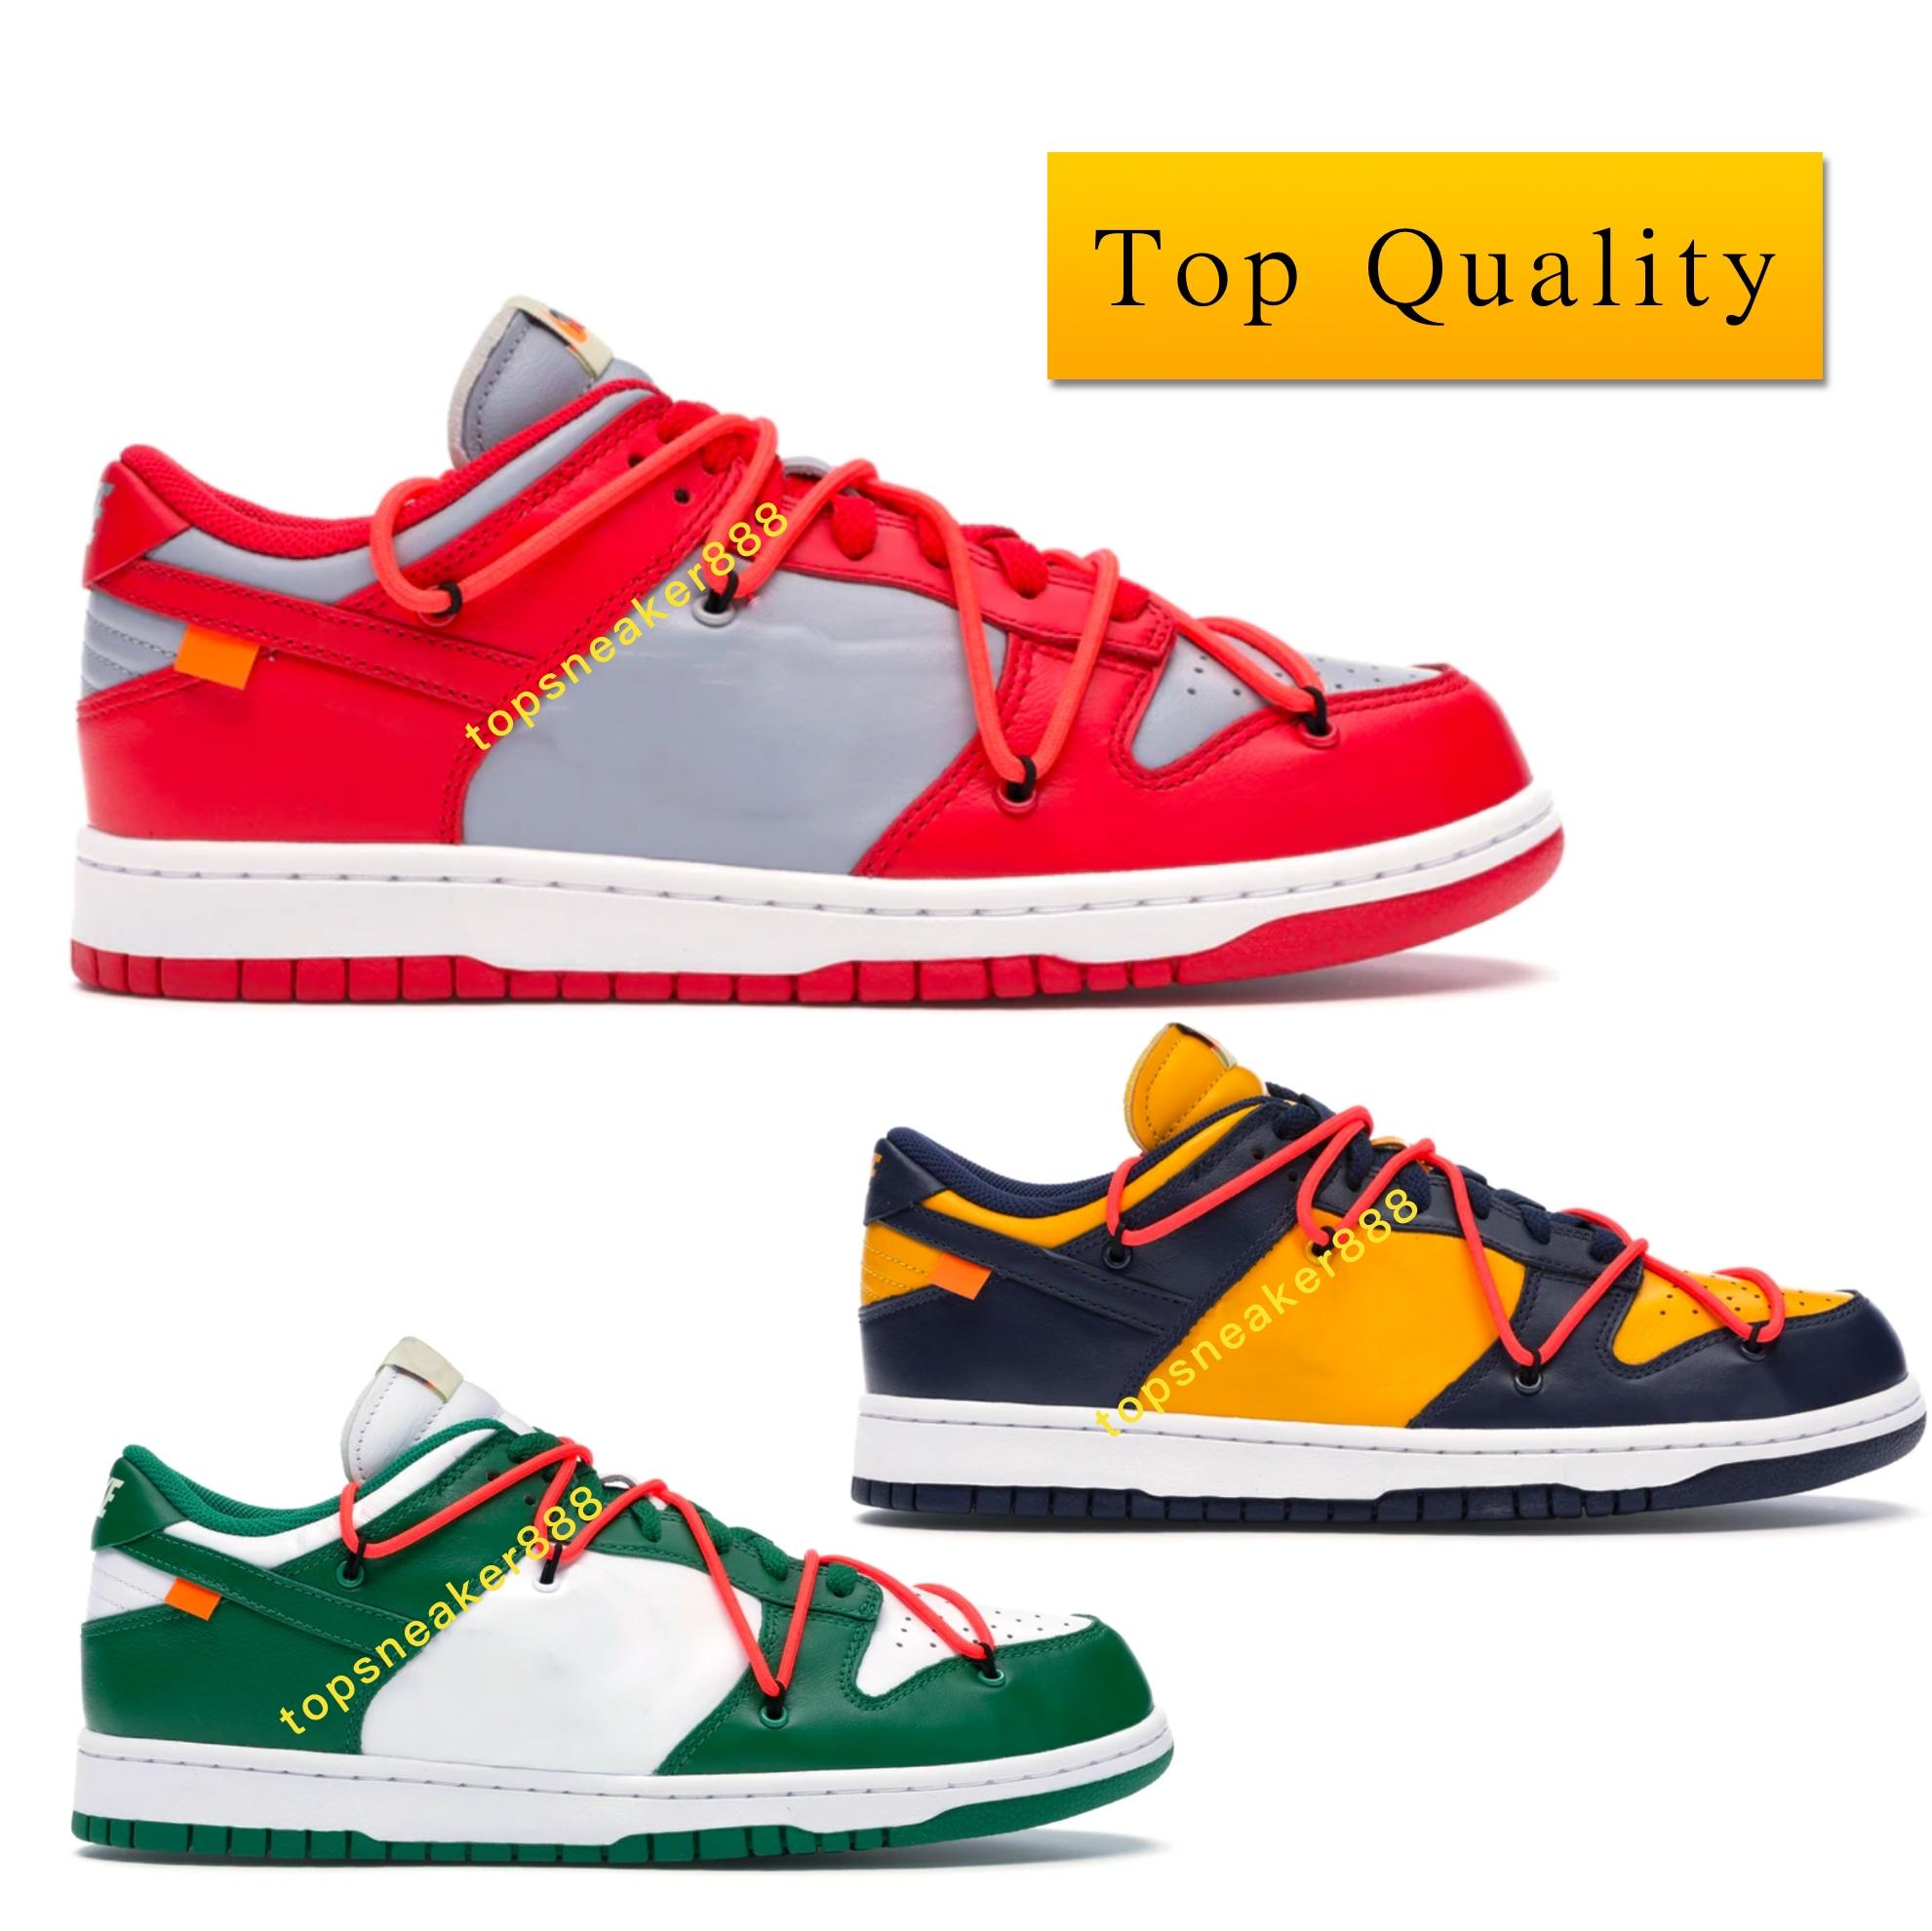 أعلى جودة دونك منخفض رجل حذاء رياضة جامعة الأحمر رياضة المرأة أحذية جامعة الذهب منتصف الليل البحرية الصنوبر الخضراء في الولايات المتحدة 5،5 حتي 12 CT0856-600